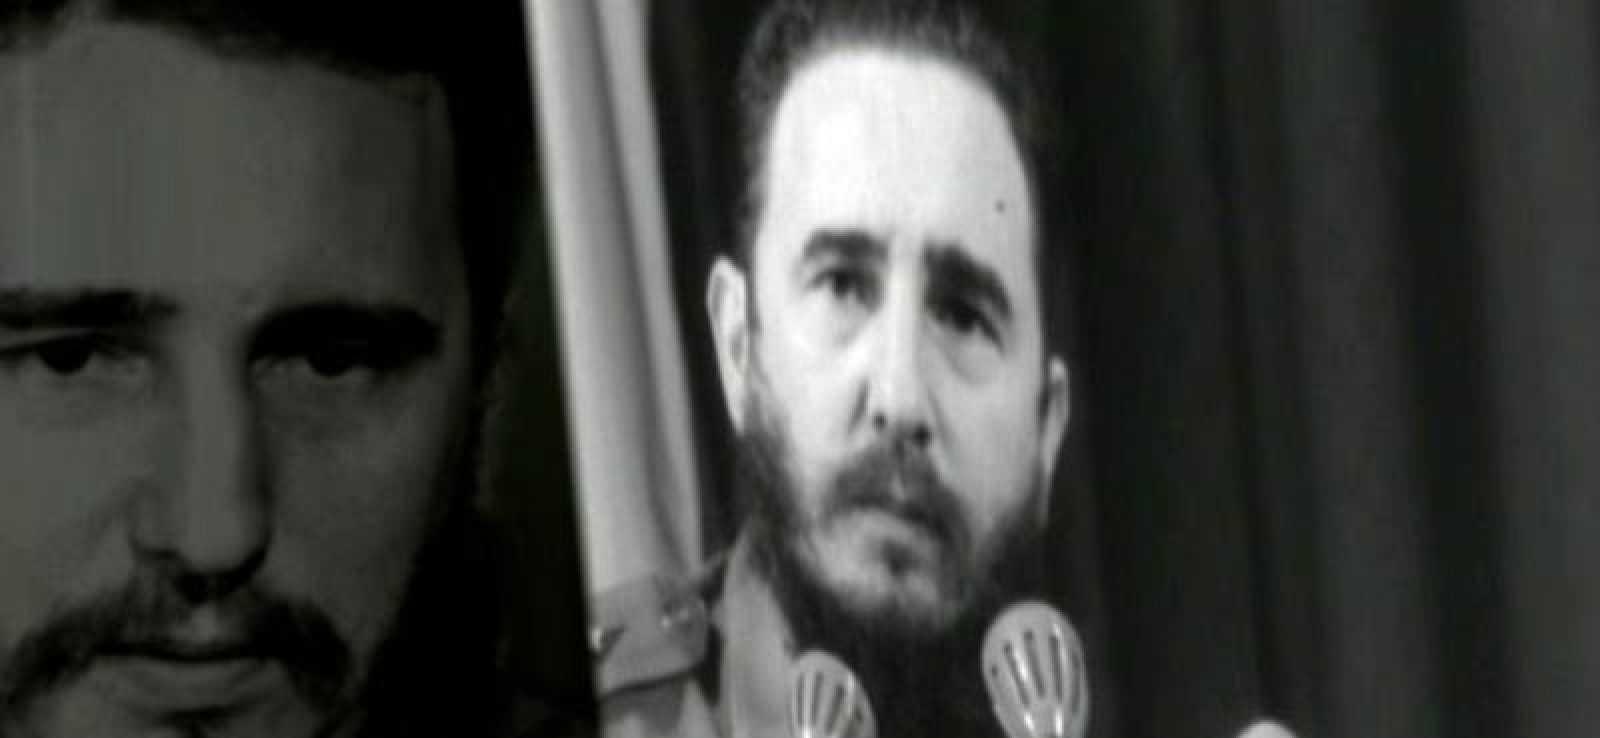 Fidel Castro fue uno de los líderes mundiales del Siglo XX que destacó por sus discursos cautivadores y el poder de su palabra